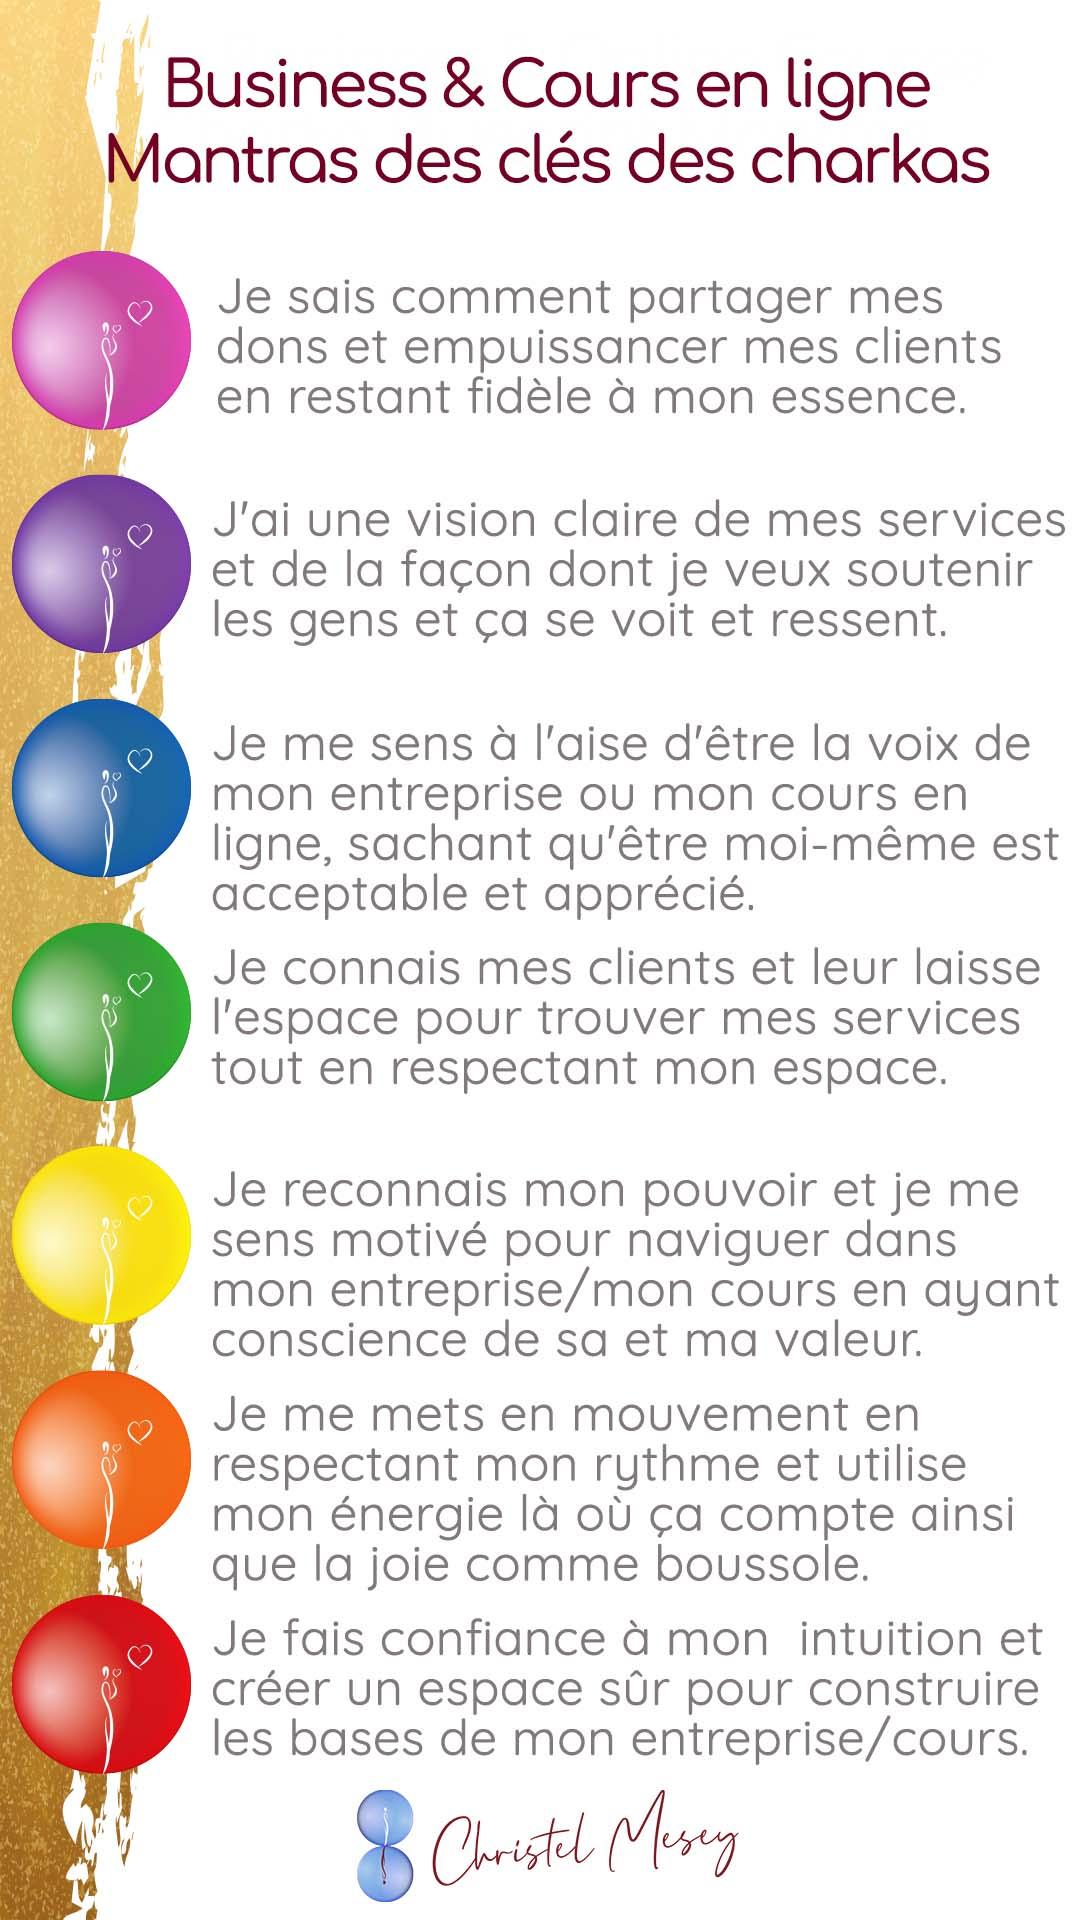 Christel Mesey - Les Clés des Chakras pour Business & Créateurs de Cours en Ligne